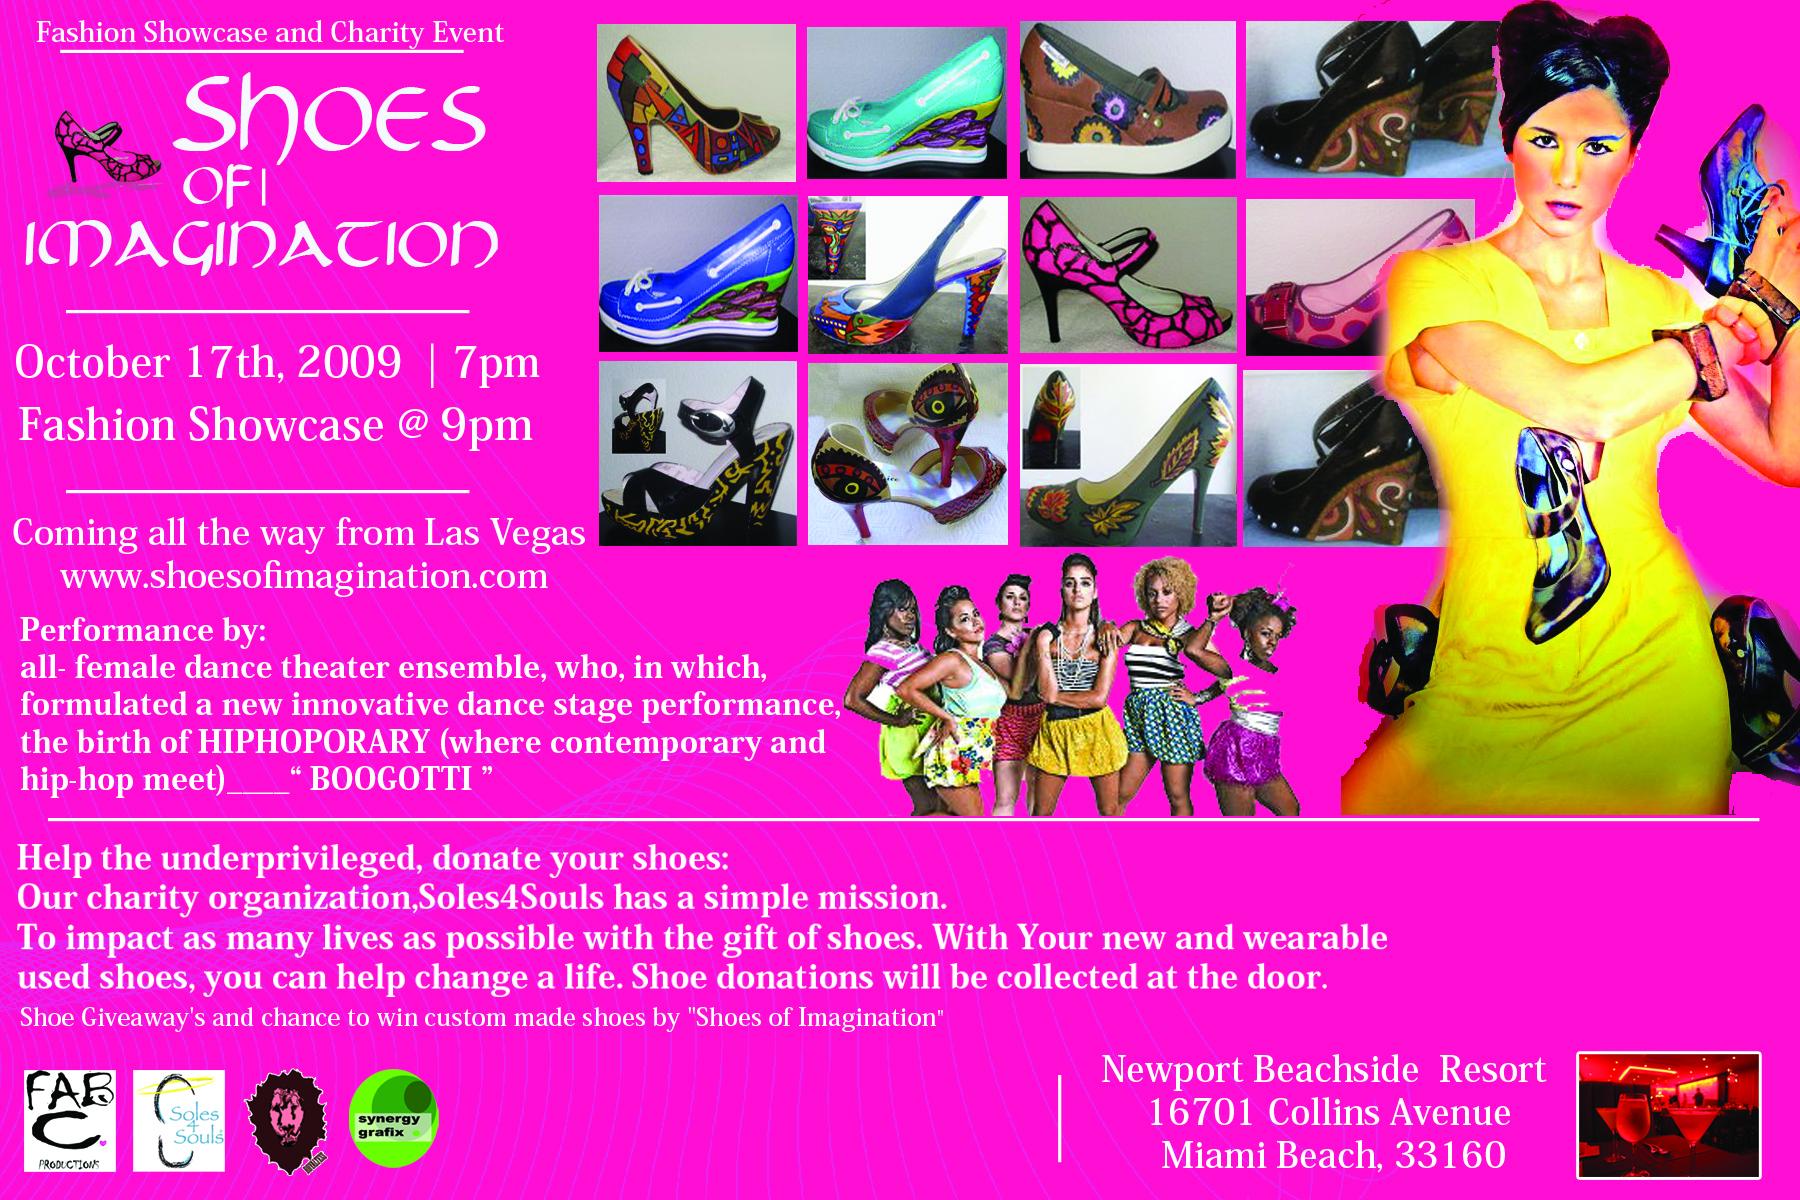 shoe fab c back copy